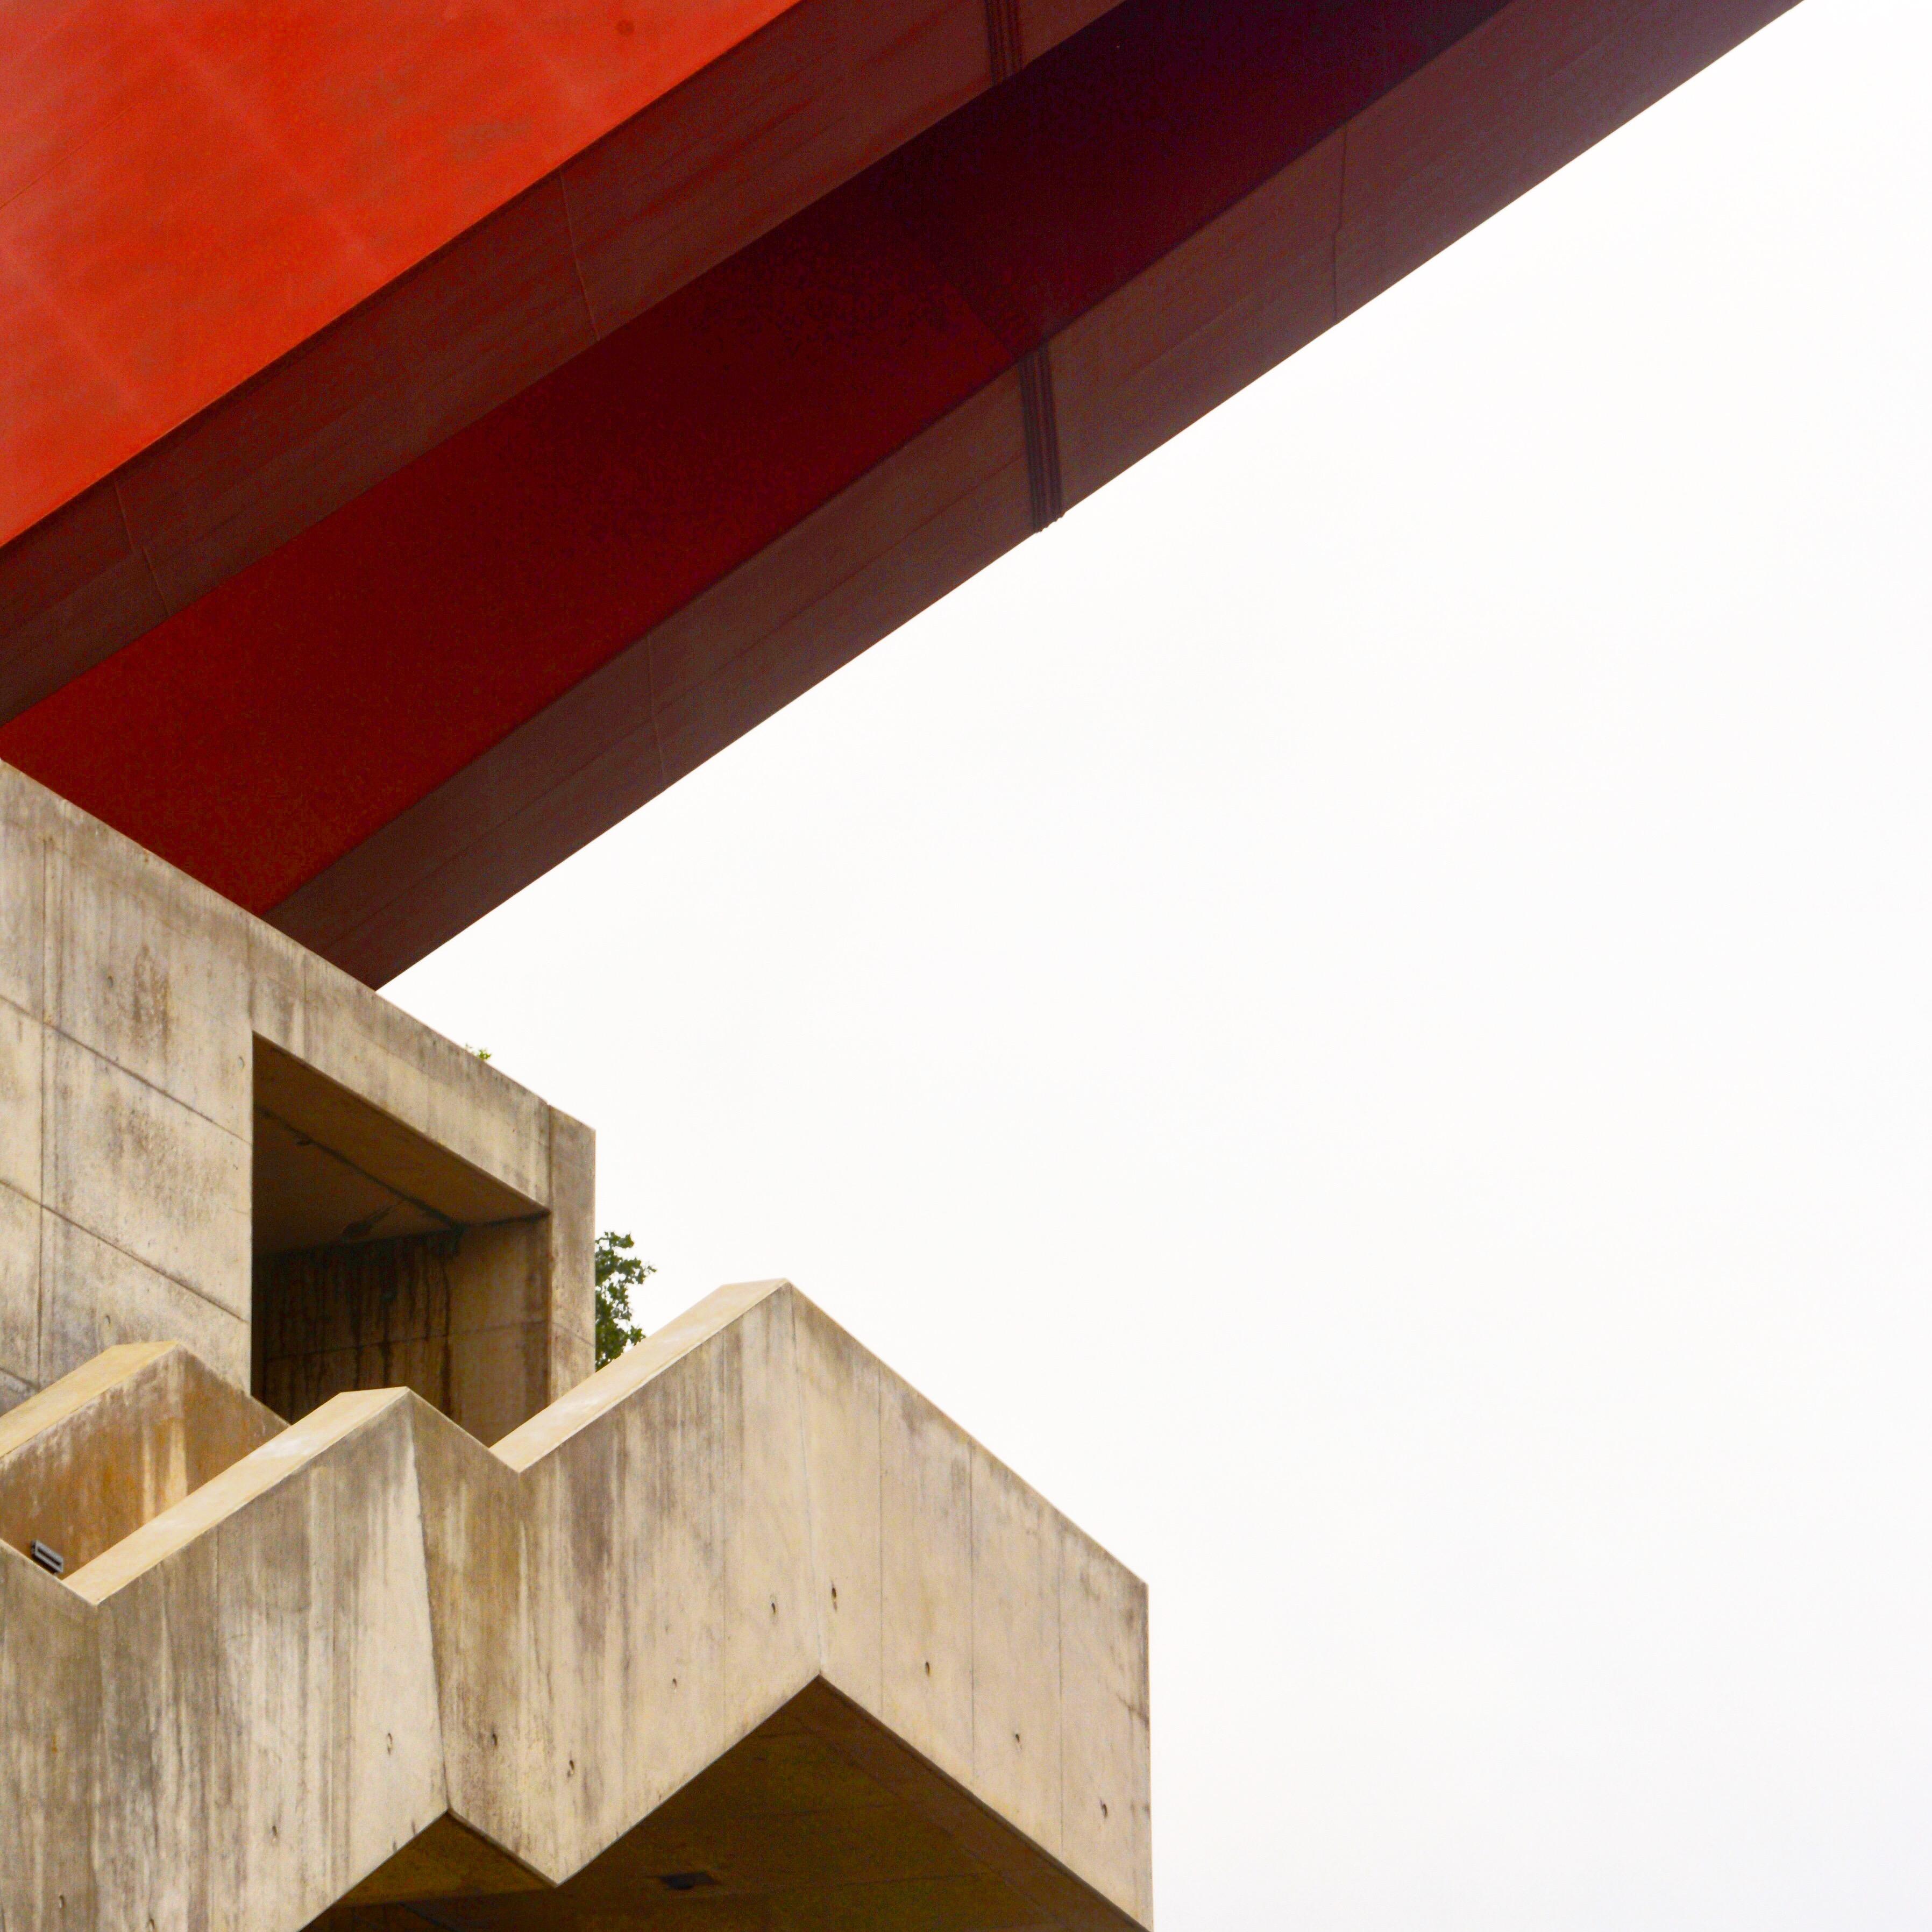 escalier_gare_pont rouge